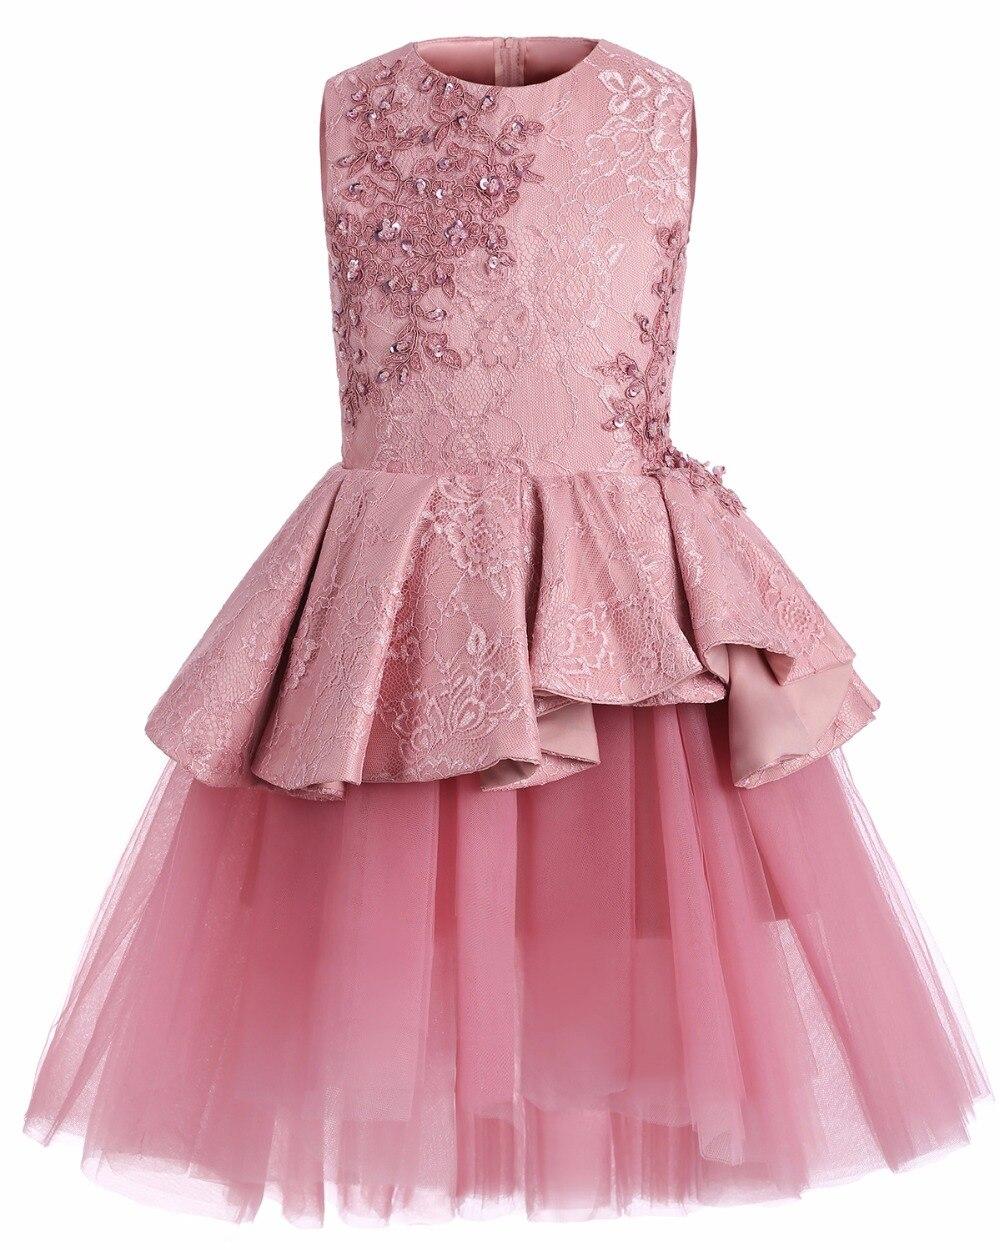 Tolle Partei Rosa Kleid Ideen - Hochzeit Kleid Stile Ideen ...